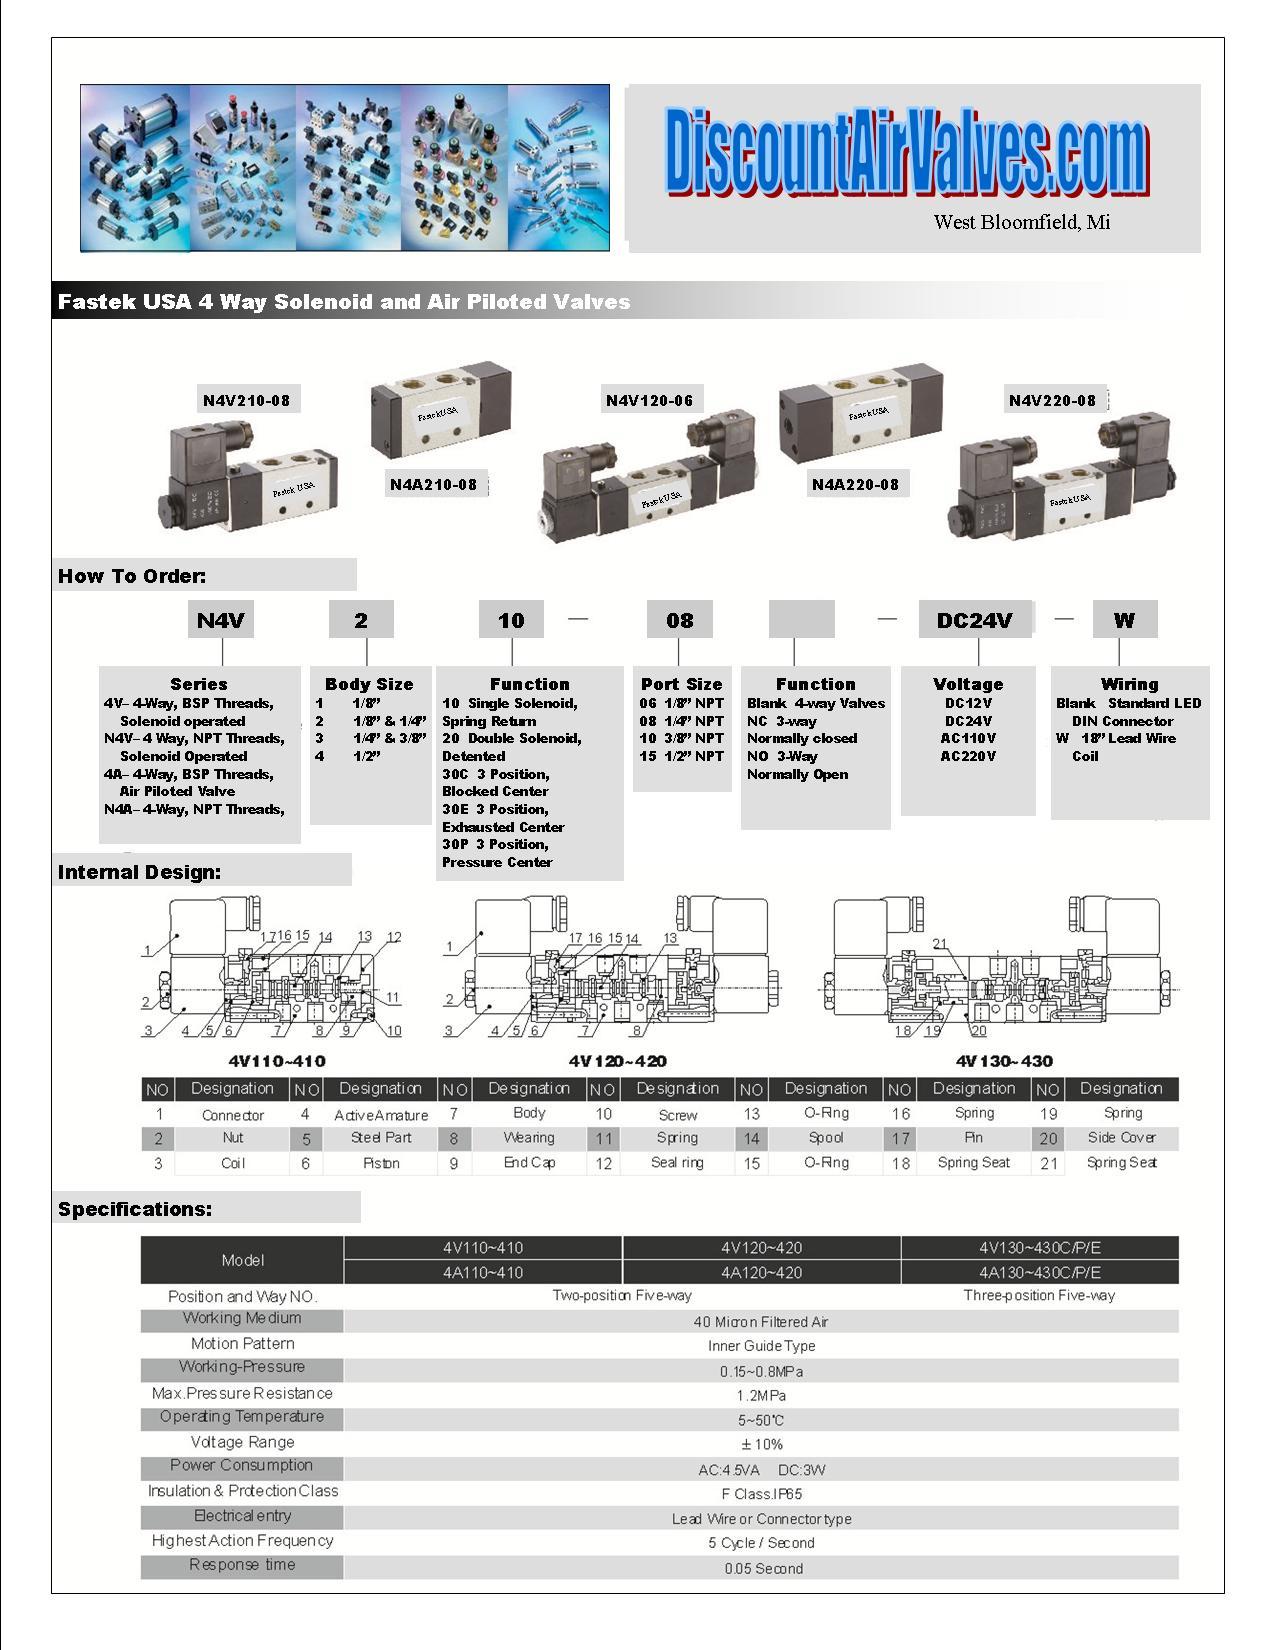 dwg N4V11 airtac solenoid valve 4v210 08, 1 4 bsp, single solenoid, specify airtac 4v210-08 wiring diagram at crackthecode.co